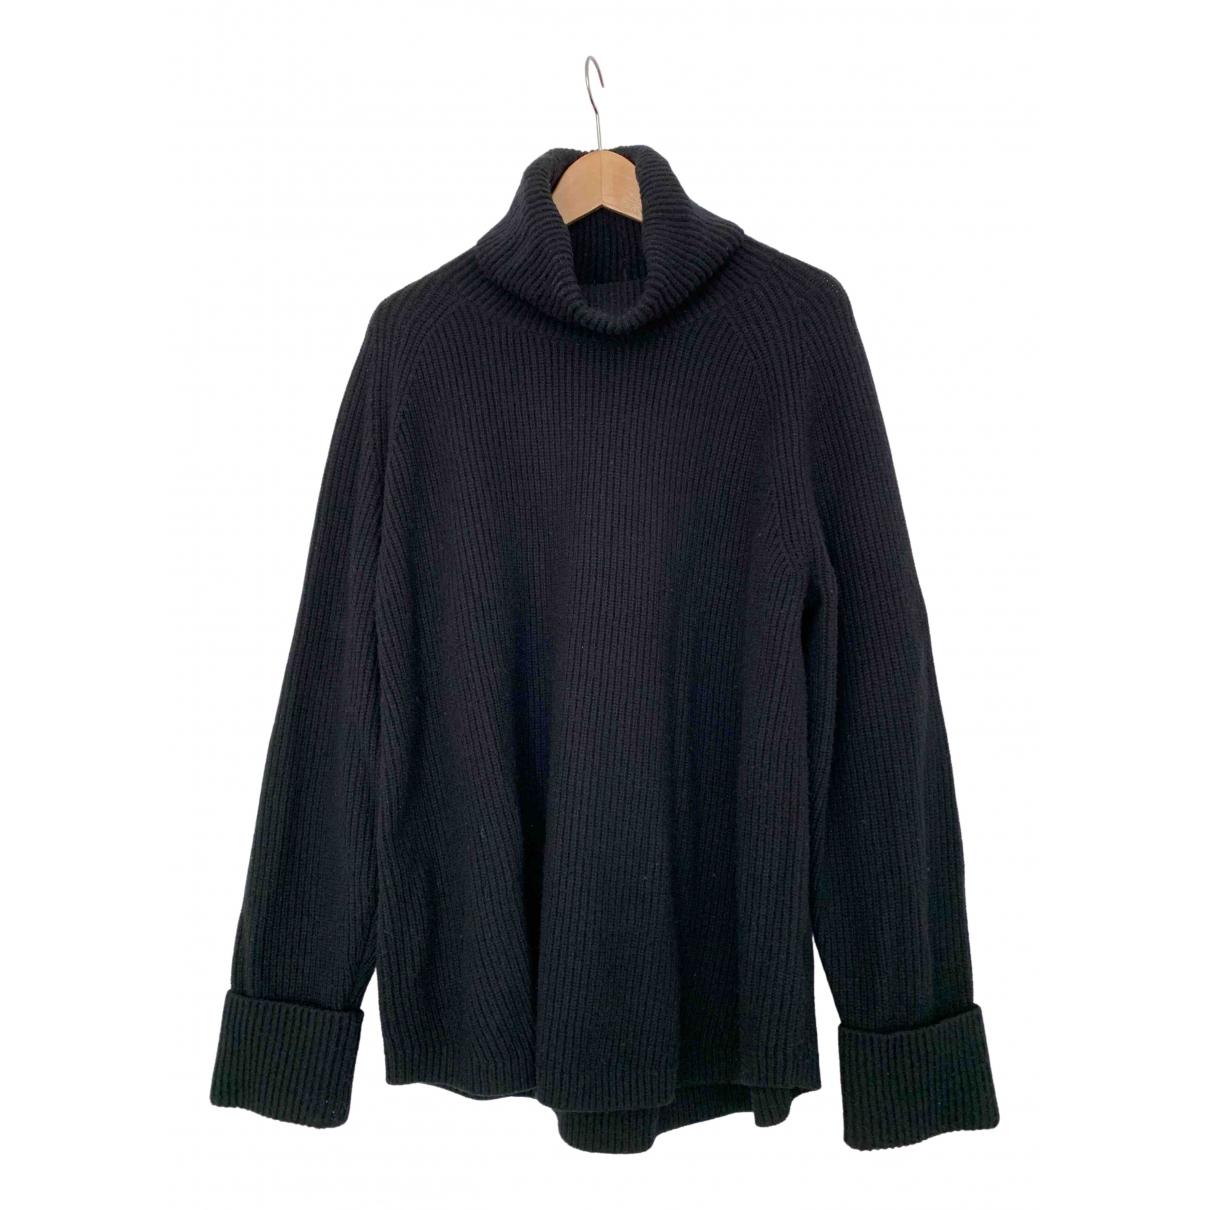 Arket - Pull   pour femme en laine - noir